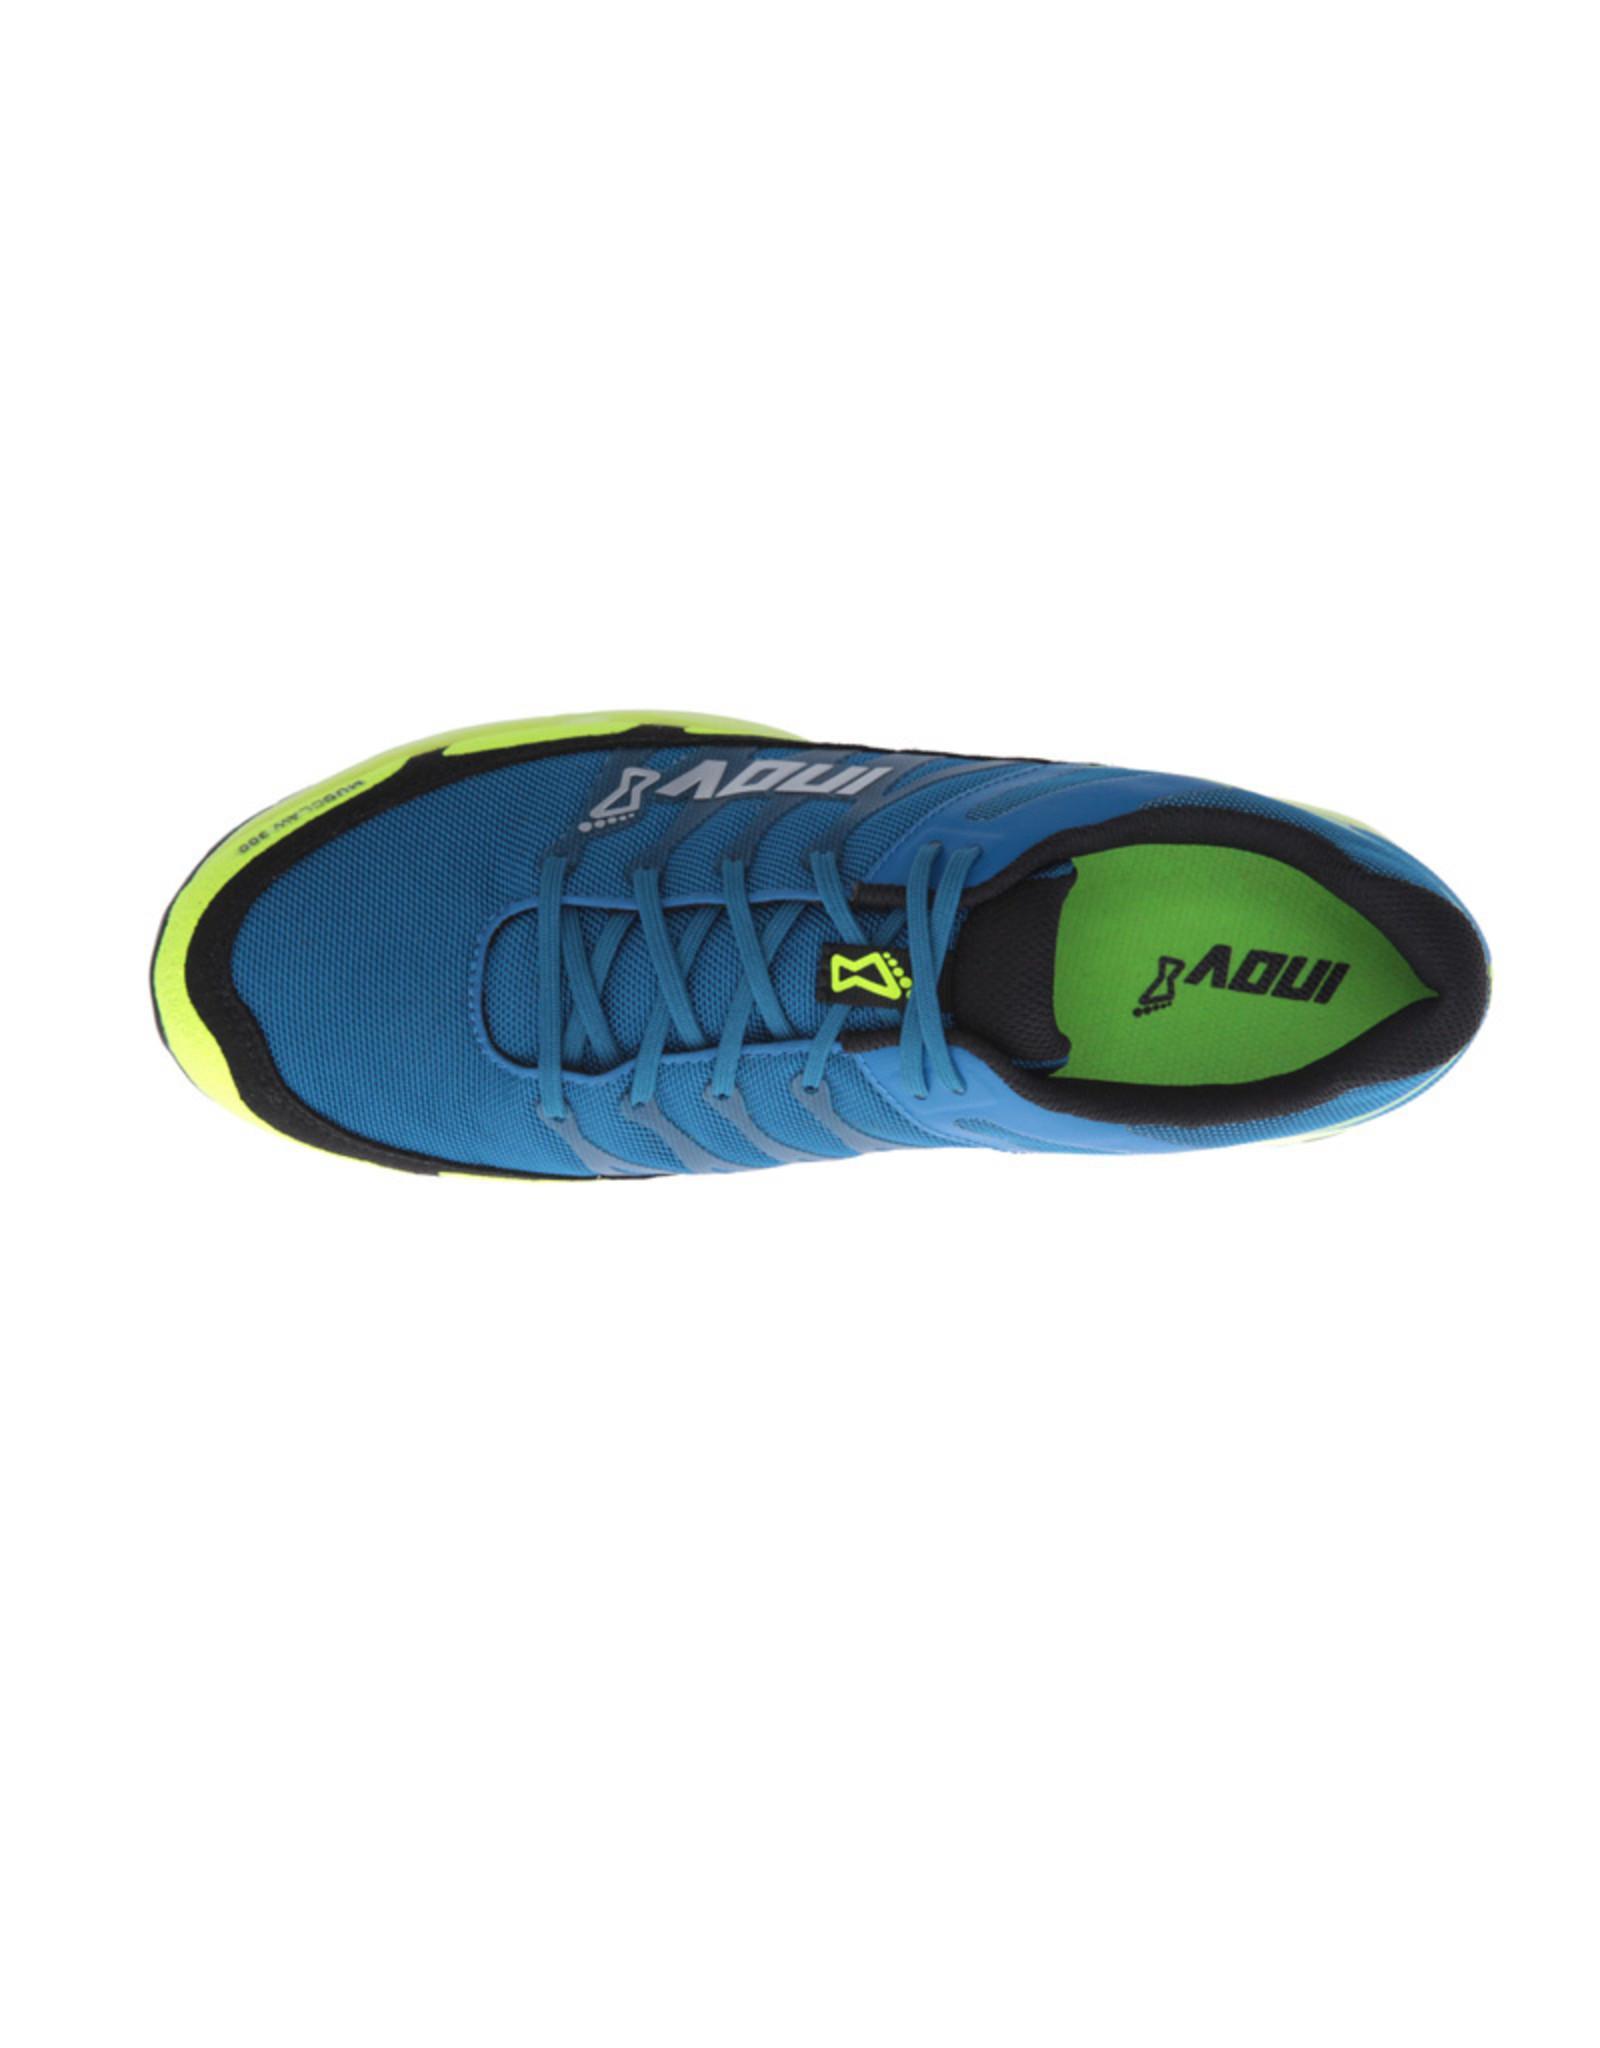 Inov-8 Mudclaw 300 Chaussure Ocr Et Survivalrun - Bleu/Jaune